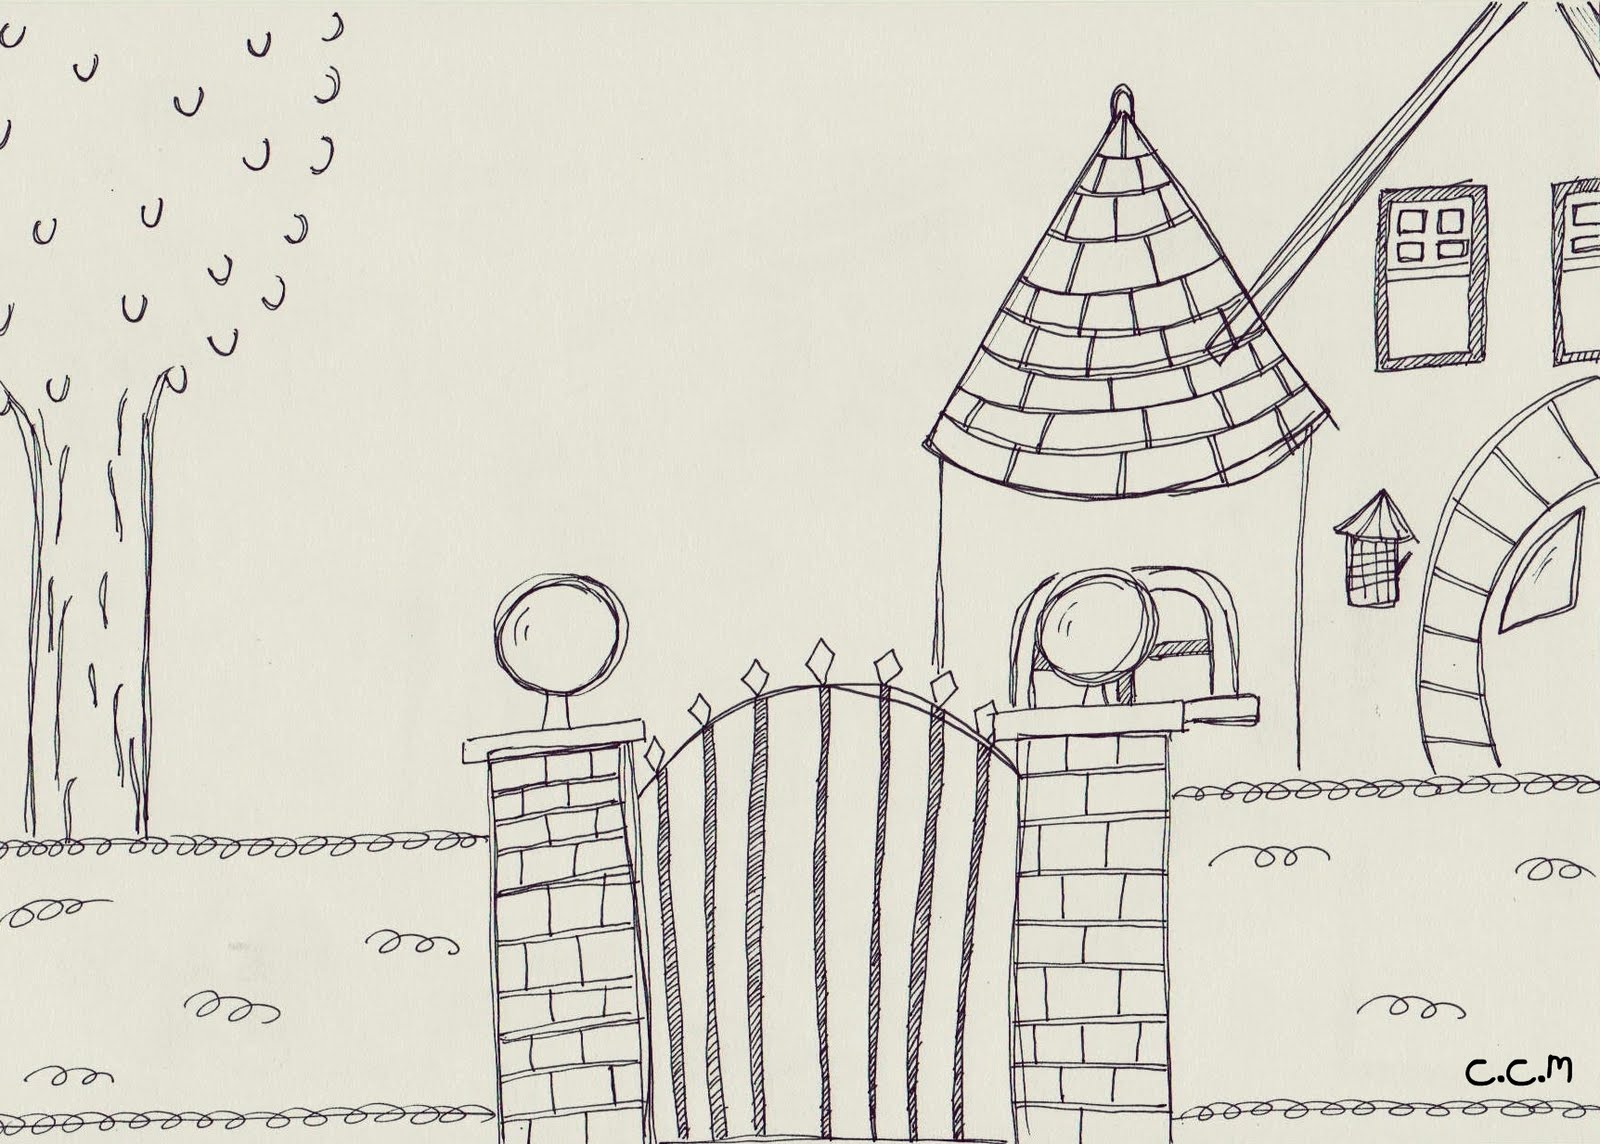 http://1.bp.blogspot.com/-pMUFrQFjGlU/TtM8u_SQ5_I/AAAAAAAAAfk/A4Kx7xUdVzI/s1600/sketch2.jpg